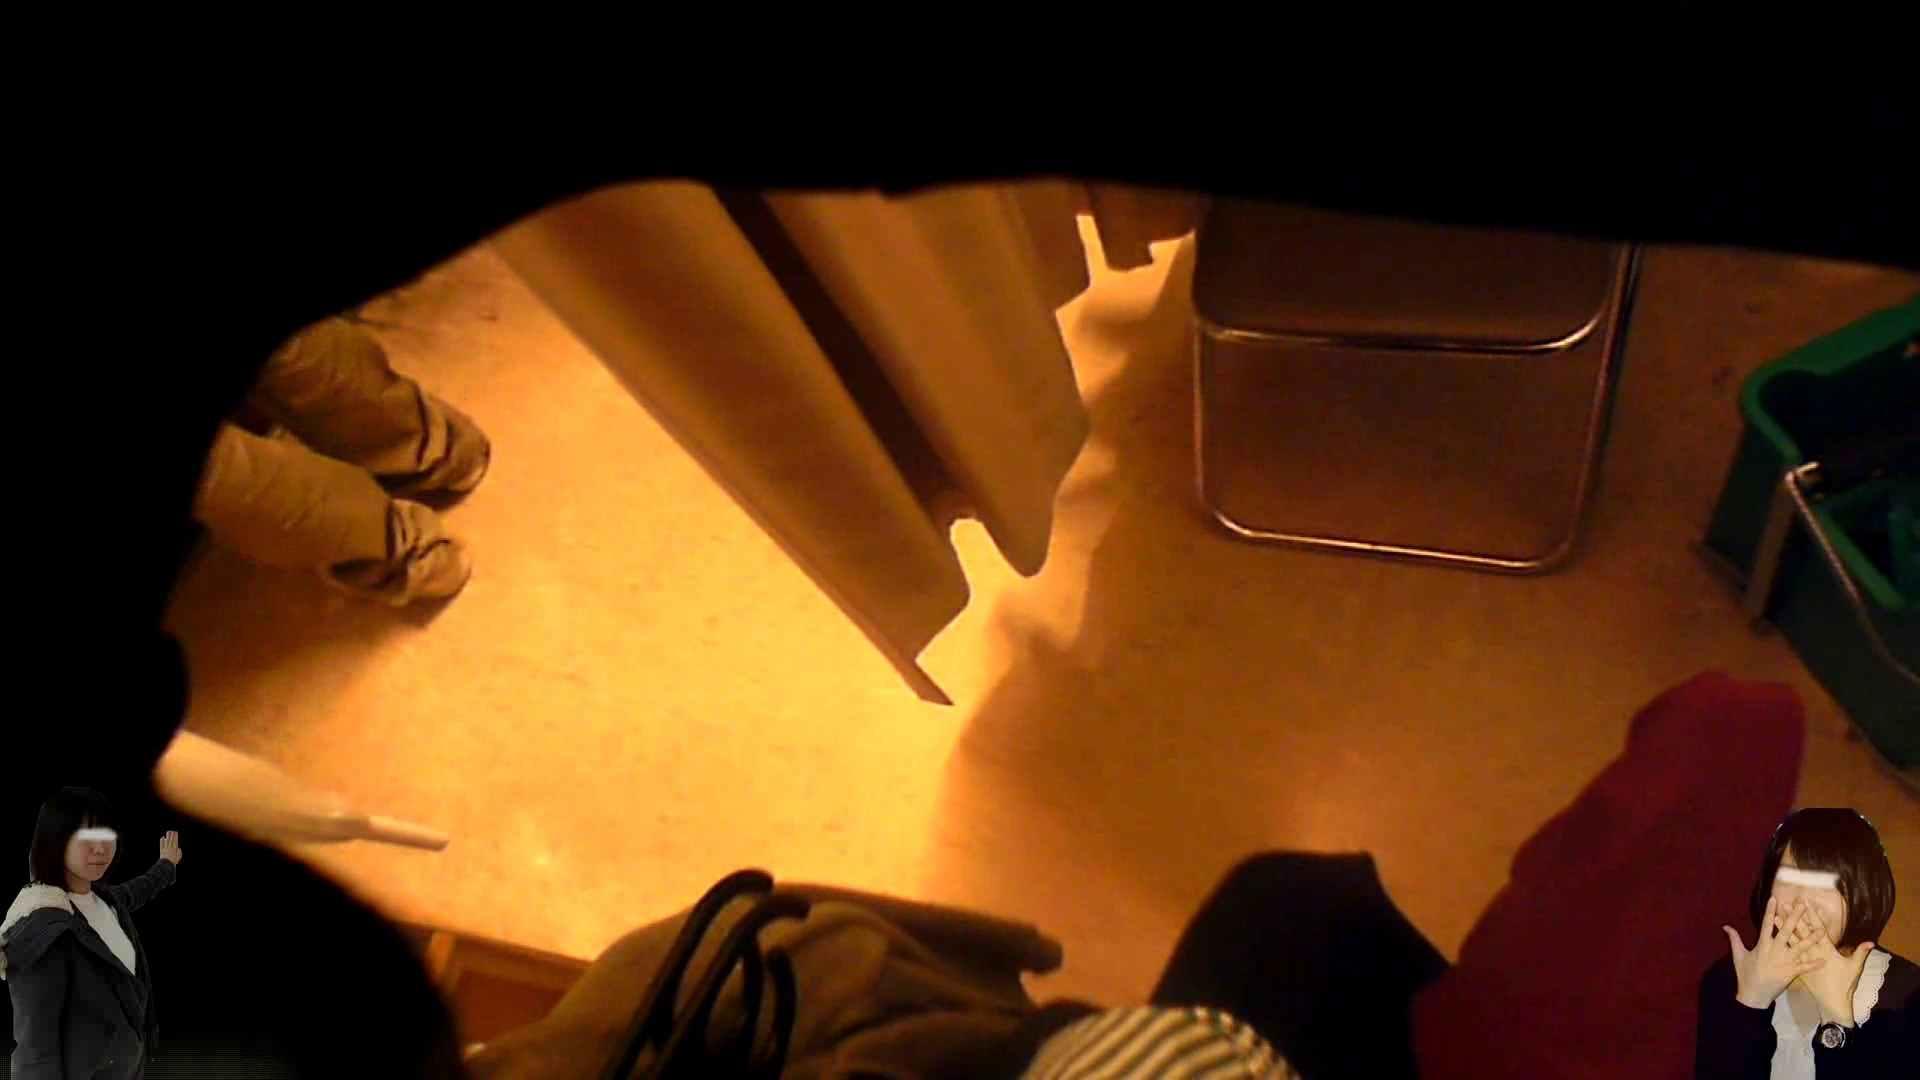 素人投稿 現役「JD」Eちゃんの着替え Vol.05 美しいOLの裸体 われめAV動画紹介 78pic 18